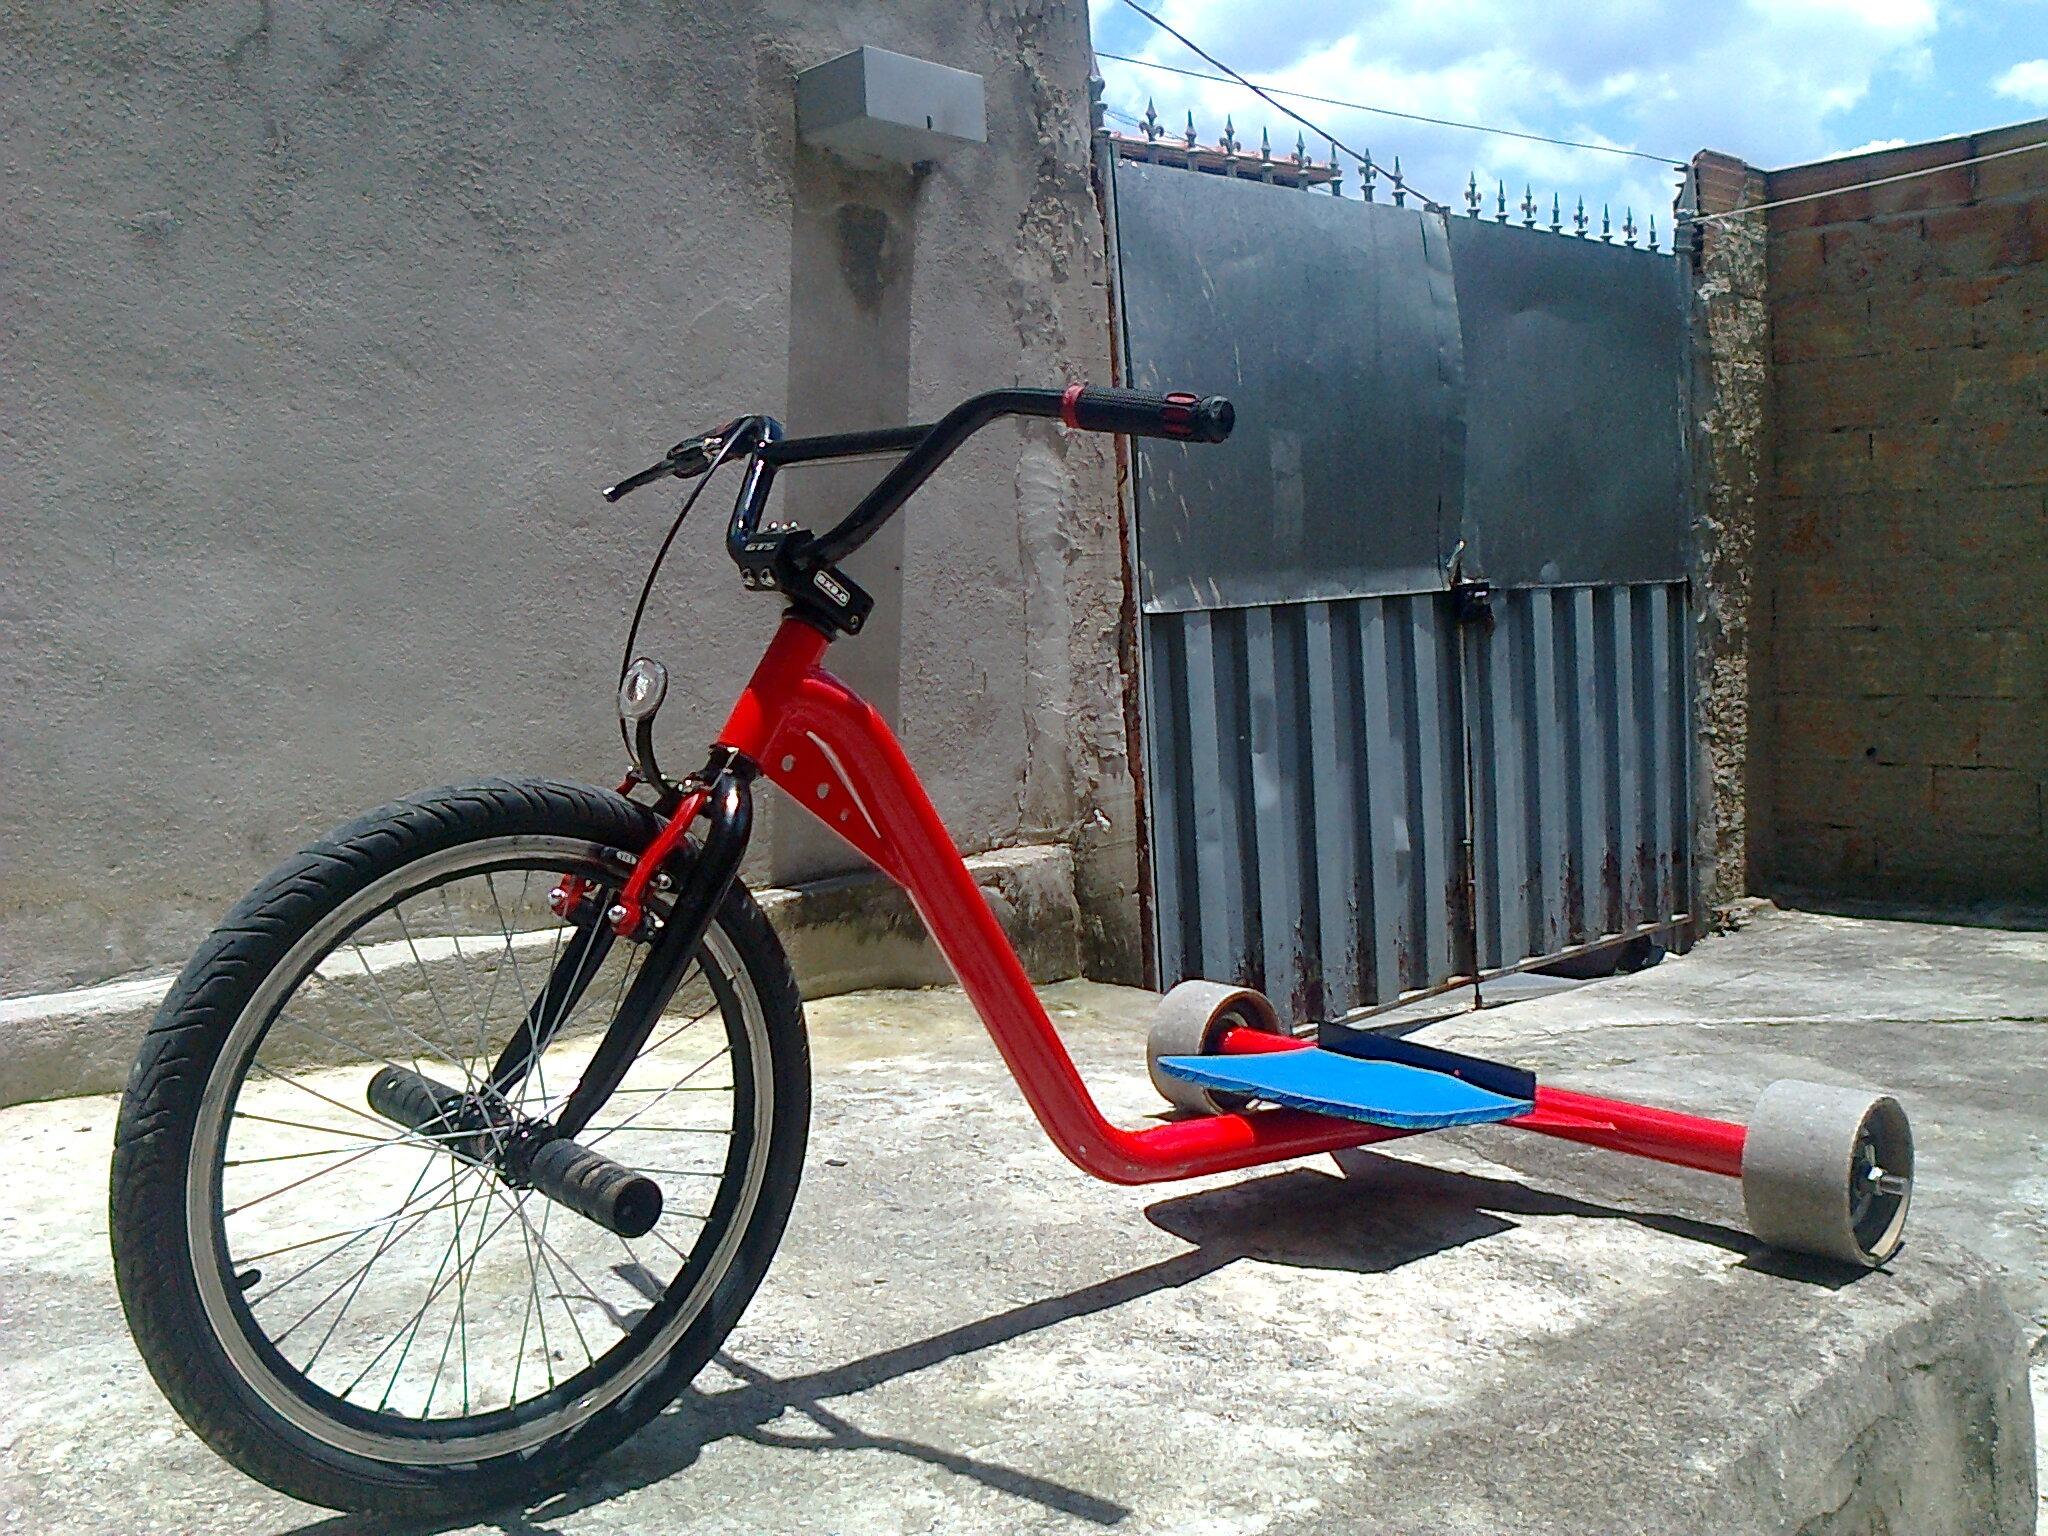 Fotos gratis : rueda, triciclo, vehículo, equipo deportivo ...